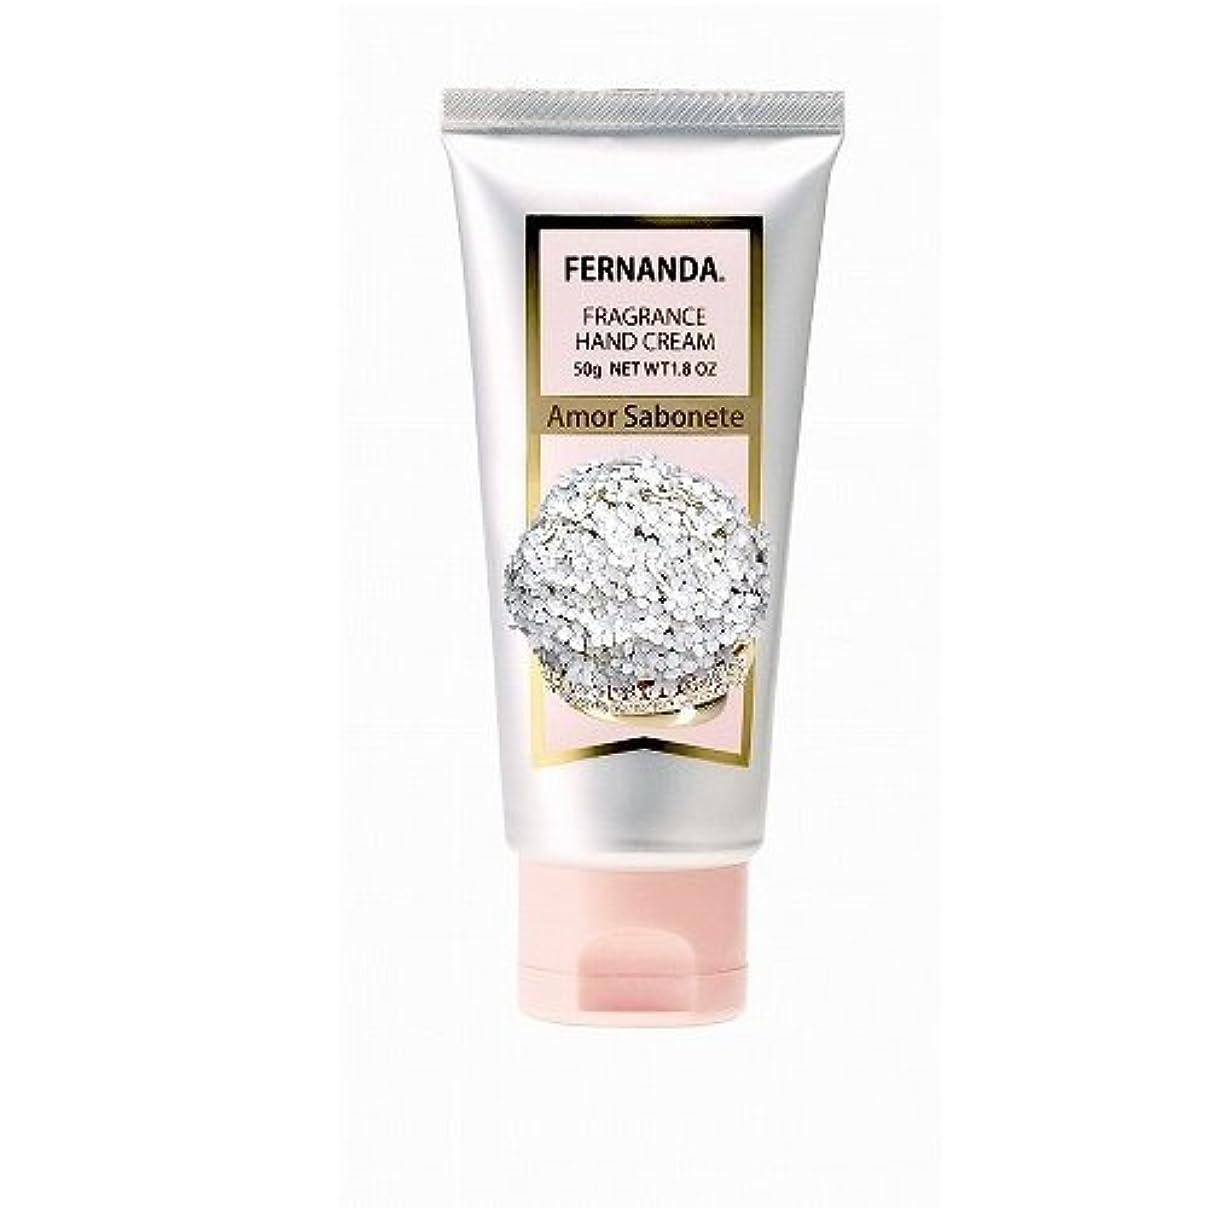 コード雑品証書FERNANDA(フェルナンダ) Hand Cream Amor Sabonete (ハンド クリーム アモールサボネッテ)